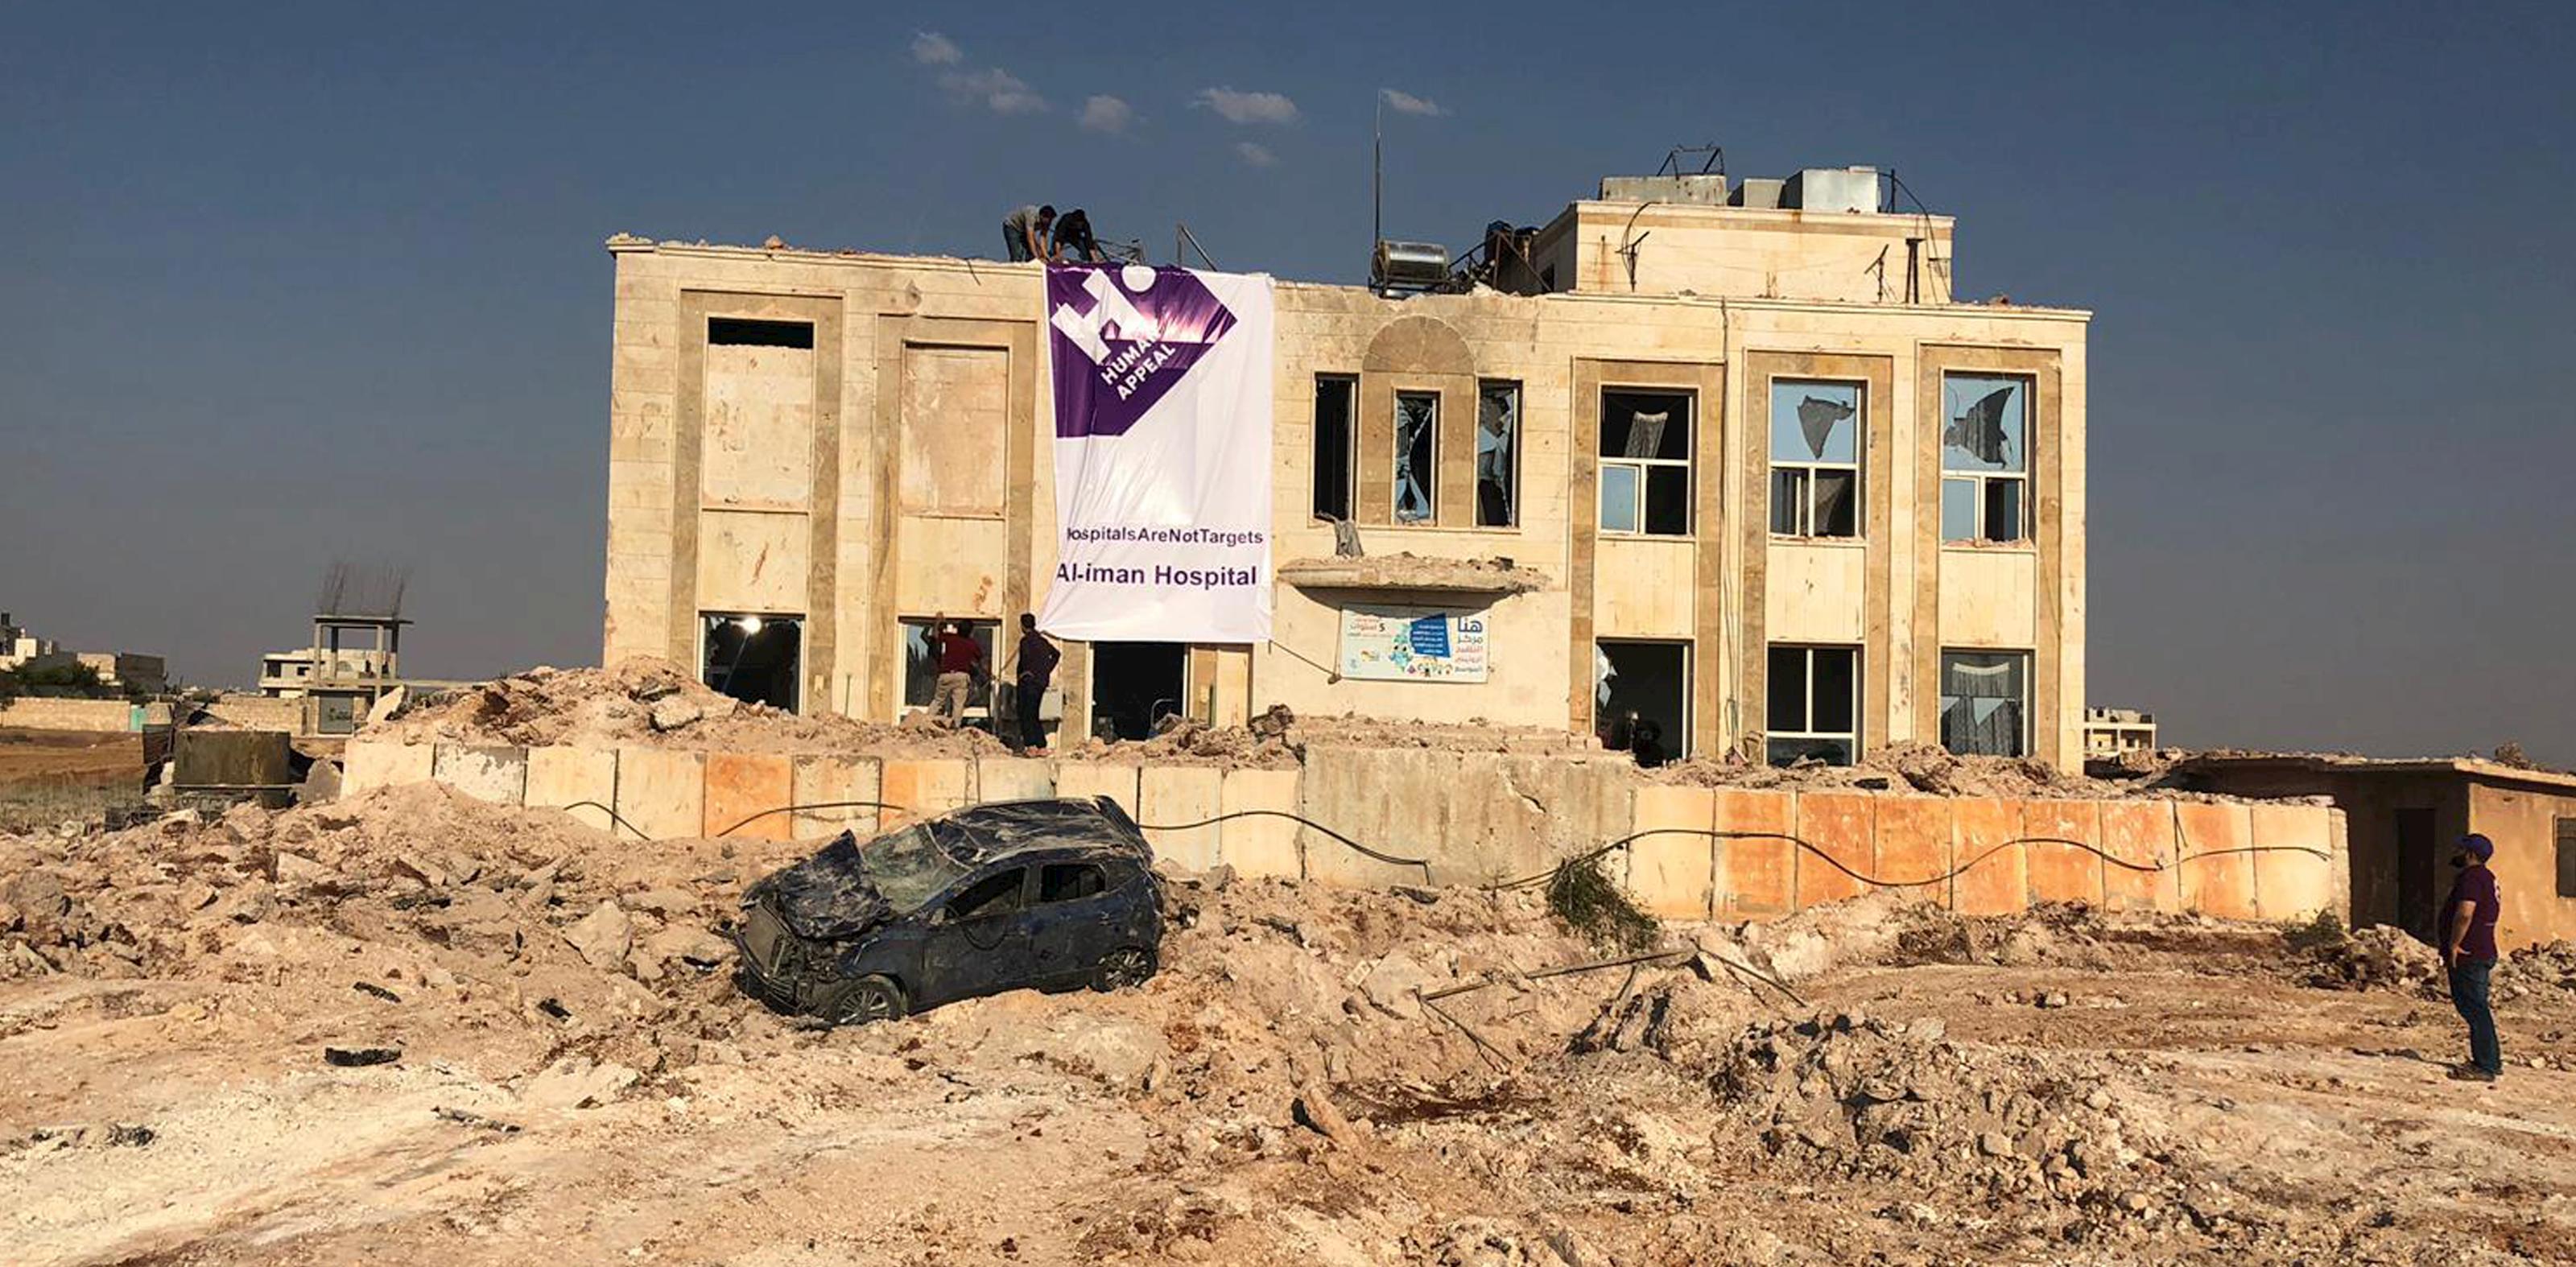 Notre hôpital à Alep a été bombardé dans la nuit du 30 au 31 août dernier !